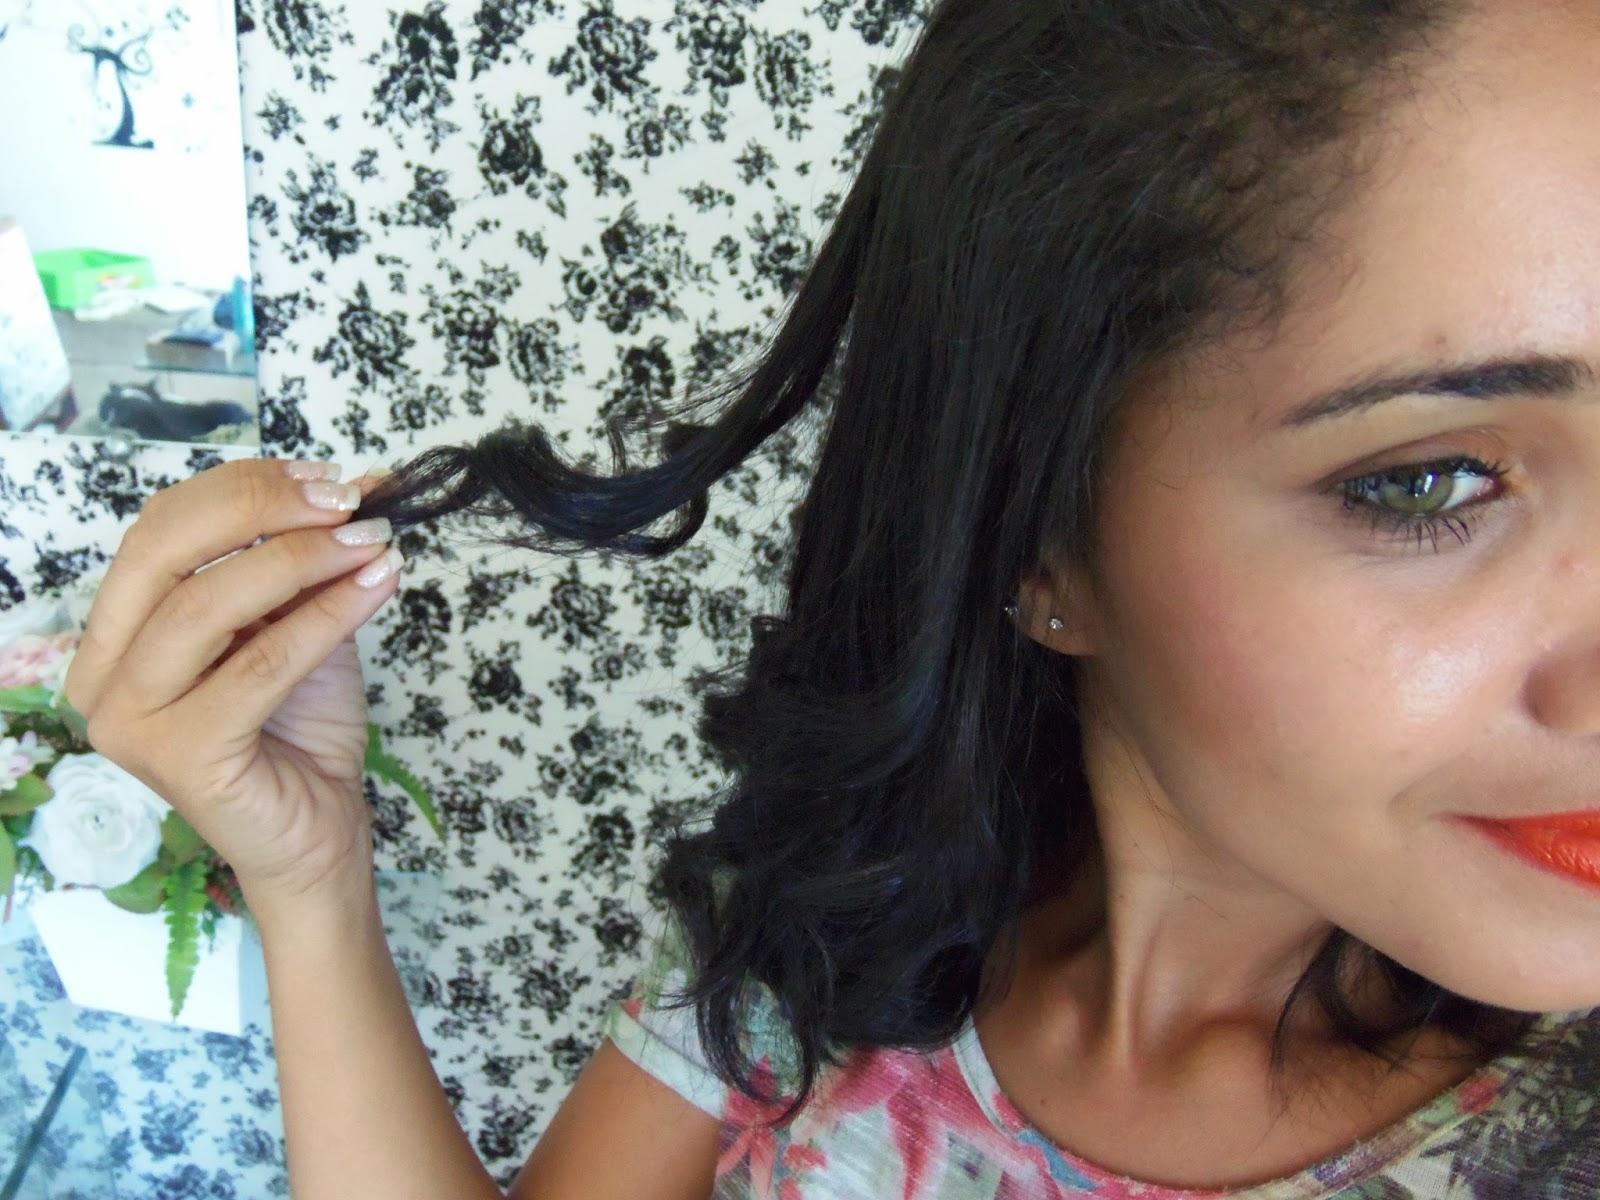 Oi meninas, fiz um vídeo para mostras para vocês como faço cachos no meu cabelo sem o babyliss. Espero que vocês gostem, Vamos assistir?